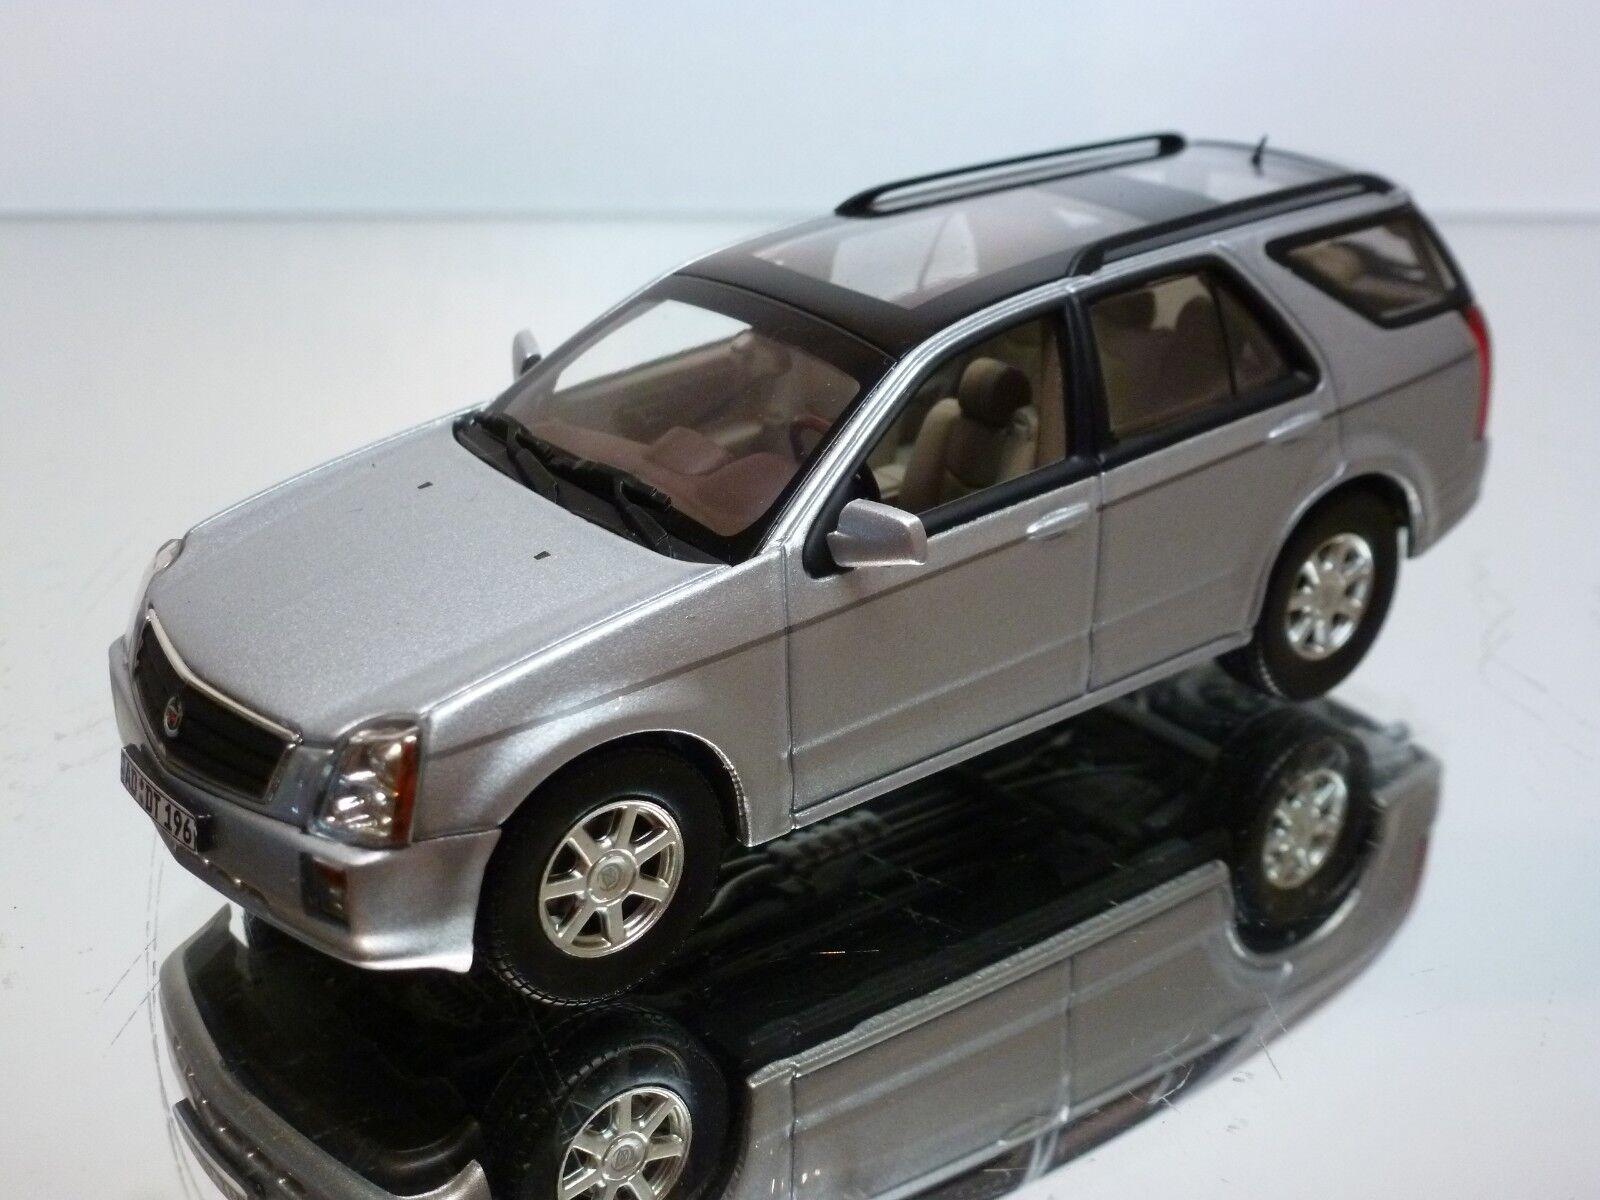 precio al por mayor NOREV CADILLAC SRX 2005 - gris METALLIC 1 1 1 43 - EXCELLENT - 10  calidad oficial